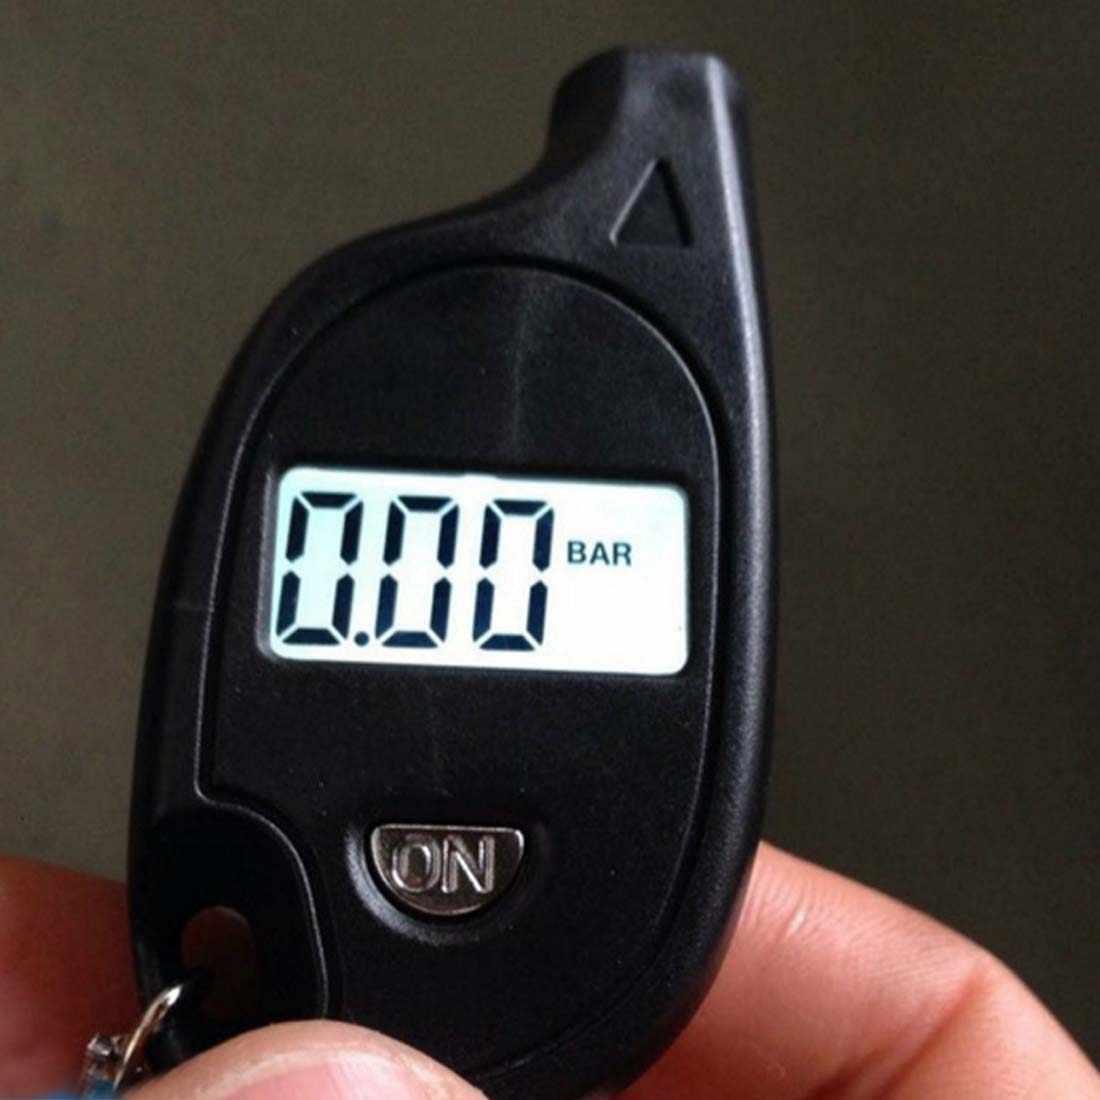 Di Động Màn Hình LCD Kỹ Thuật Số Tự Động Bánh Lốp Xe Móc Khóa Đồng Hồ Đo Áp Lực Khí Đo Kiểm Tra Lốp Bút Thử Cho Xe Ô Tô Xe Máy